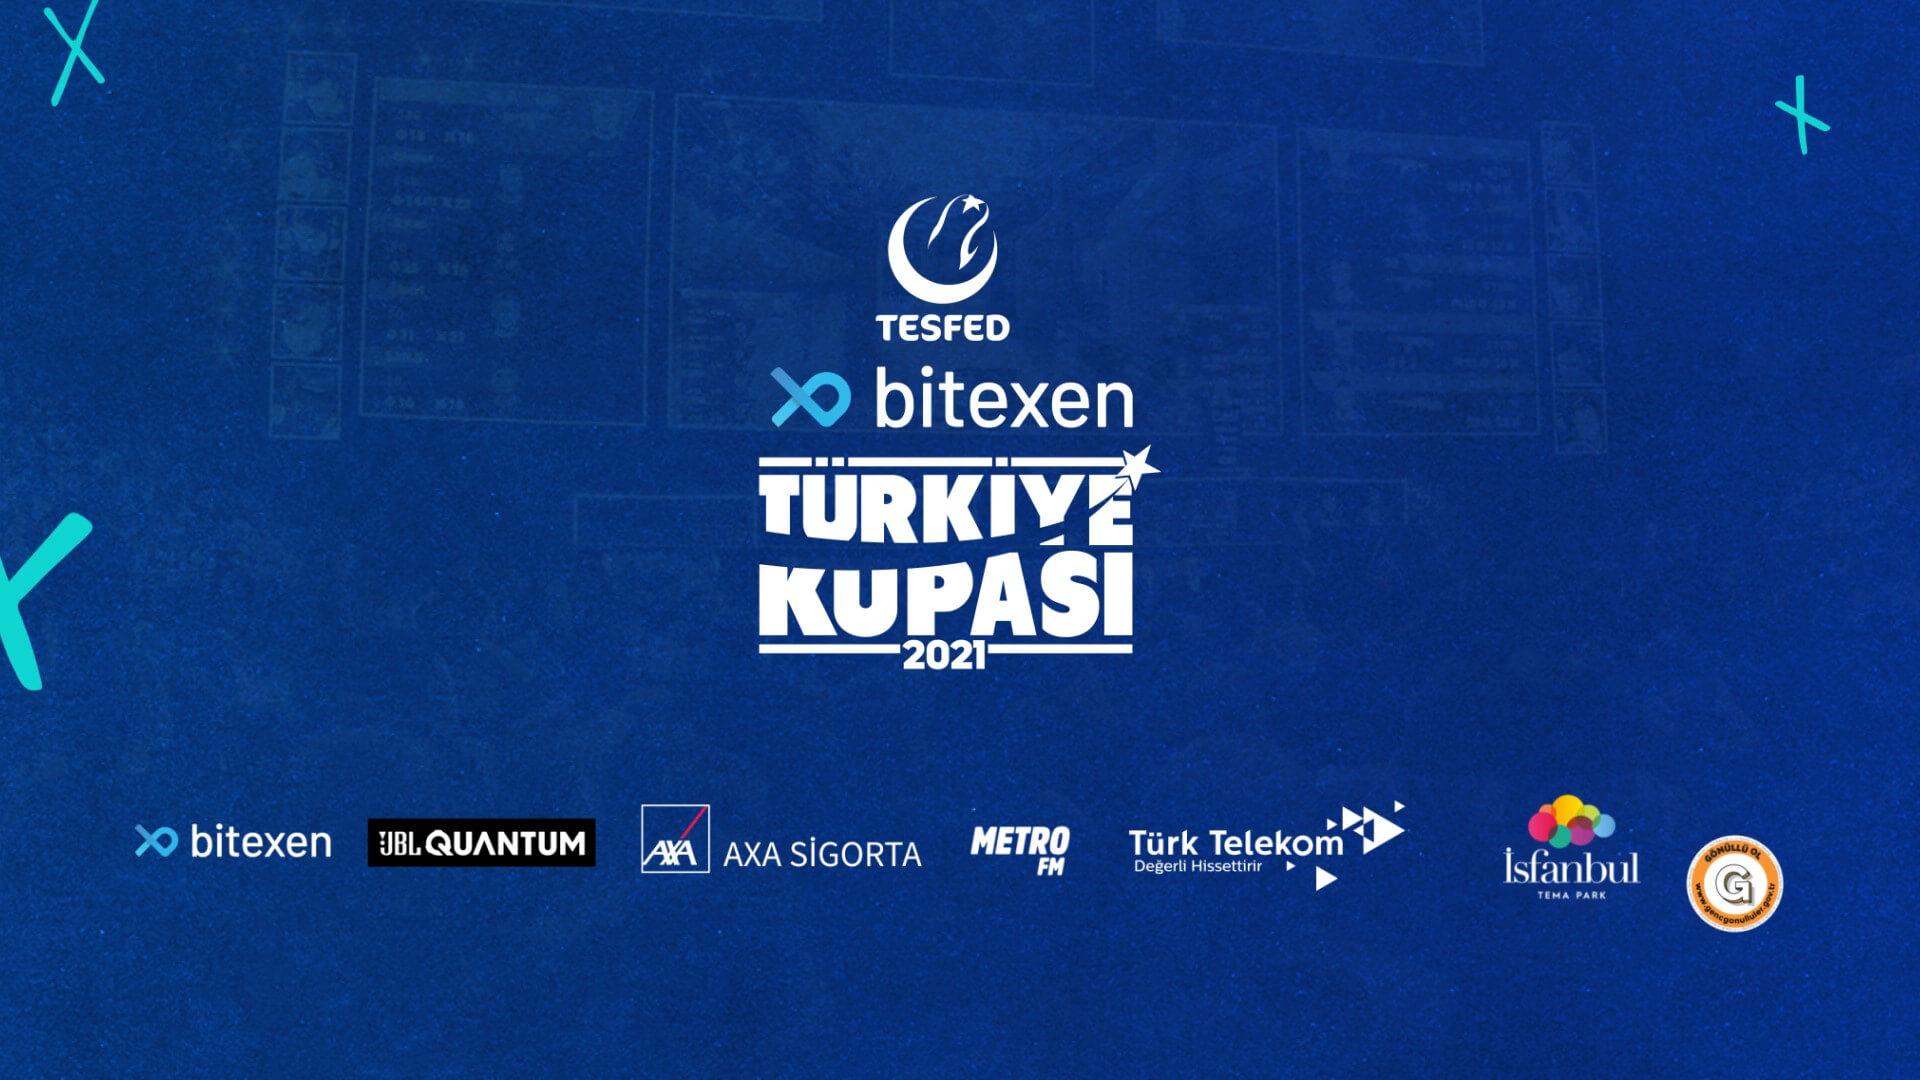 Bitexen TESFED Türkiye Kupası bu yıl üçüncü kez 11 farklı oyunda düzenlenecek